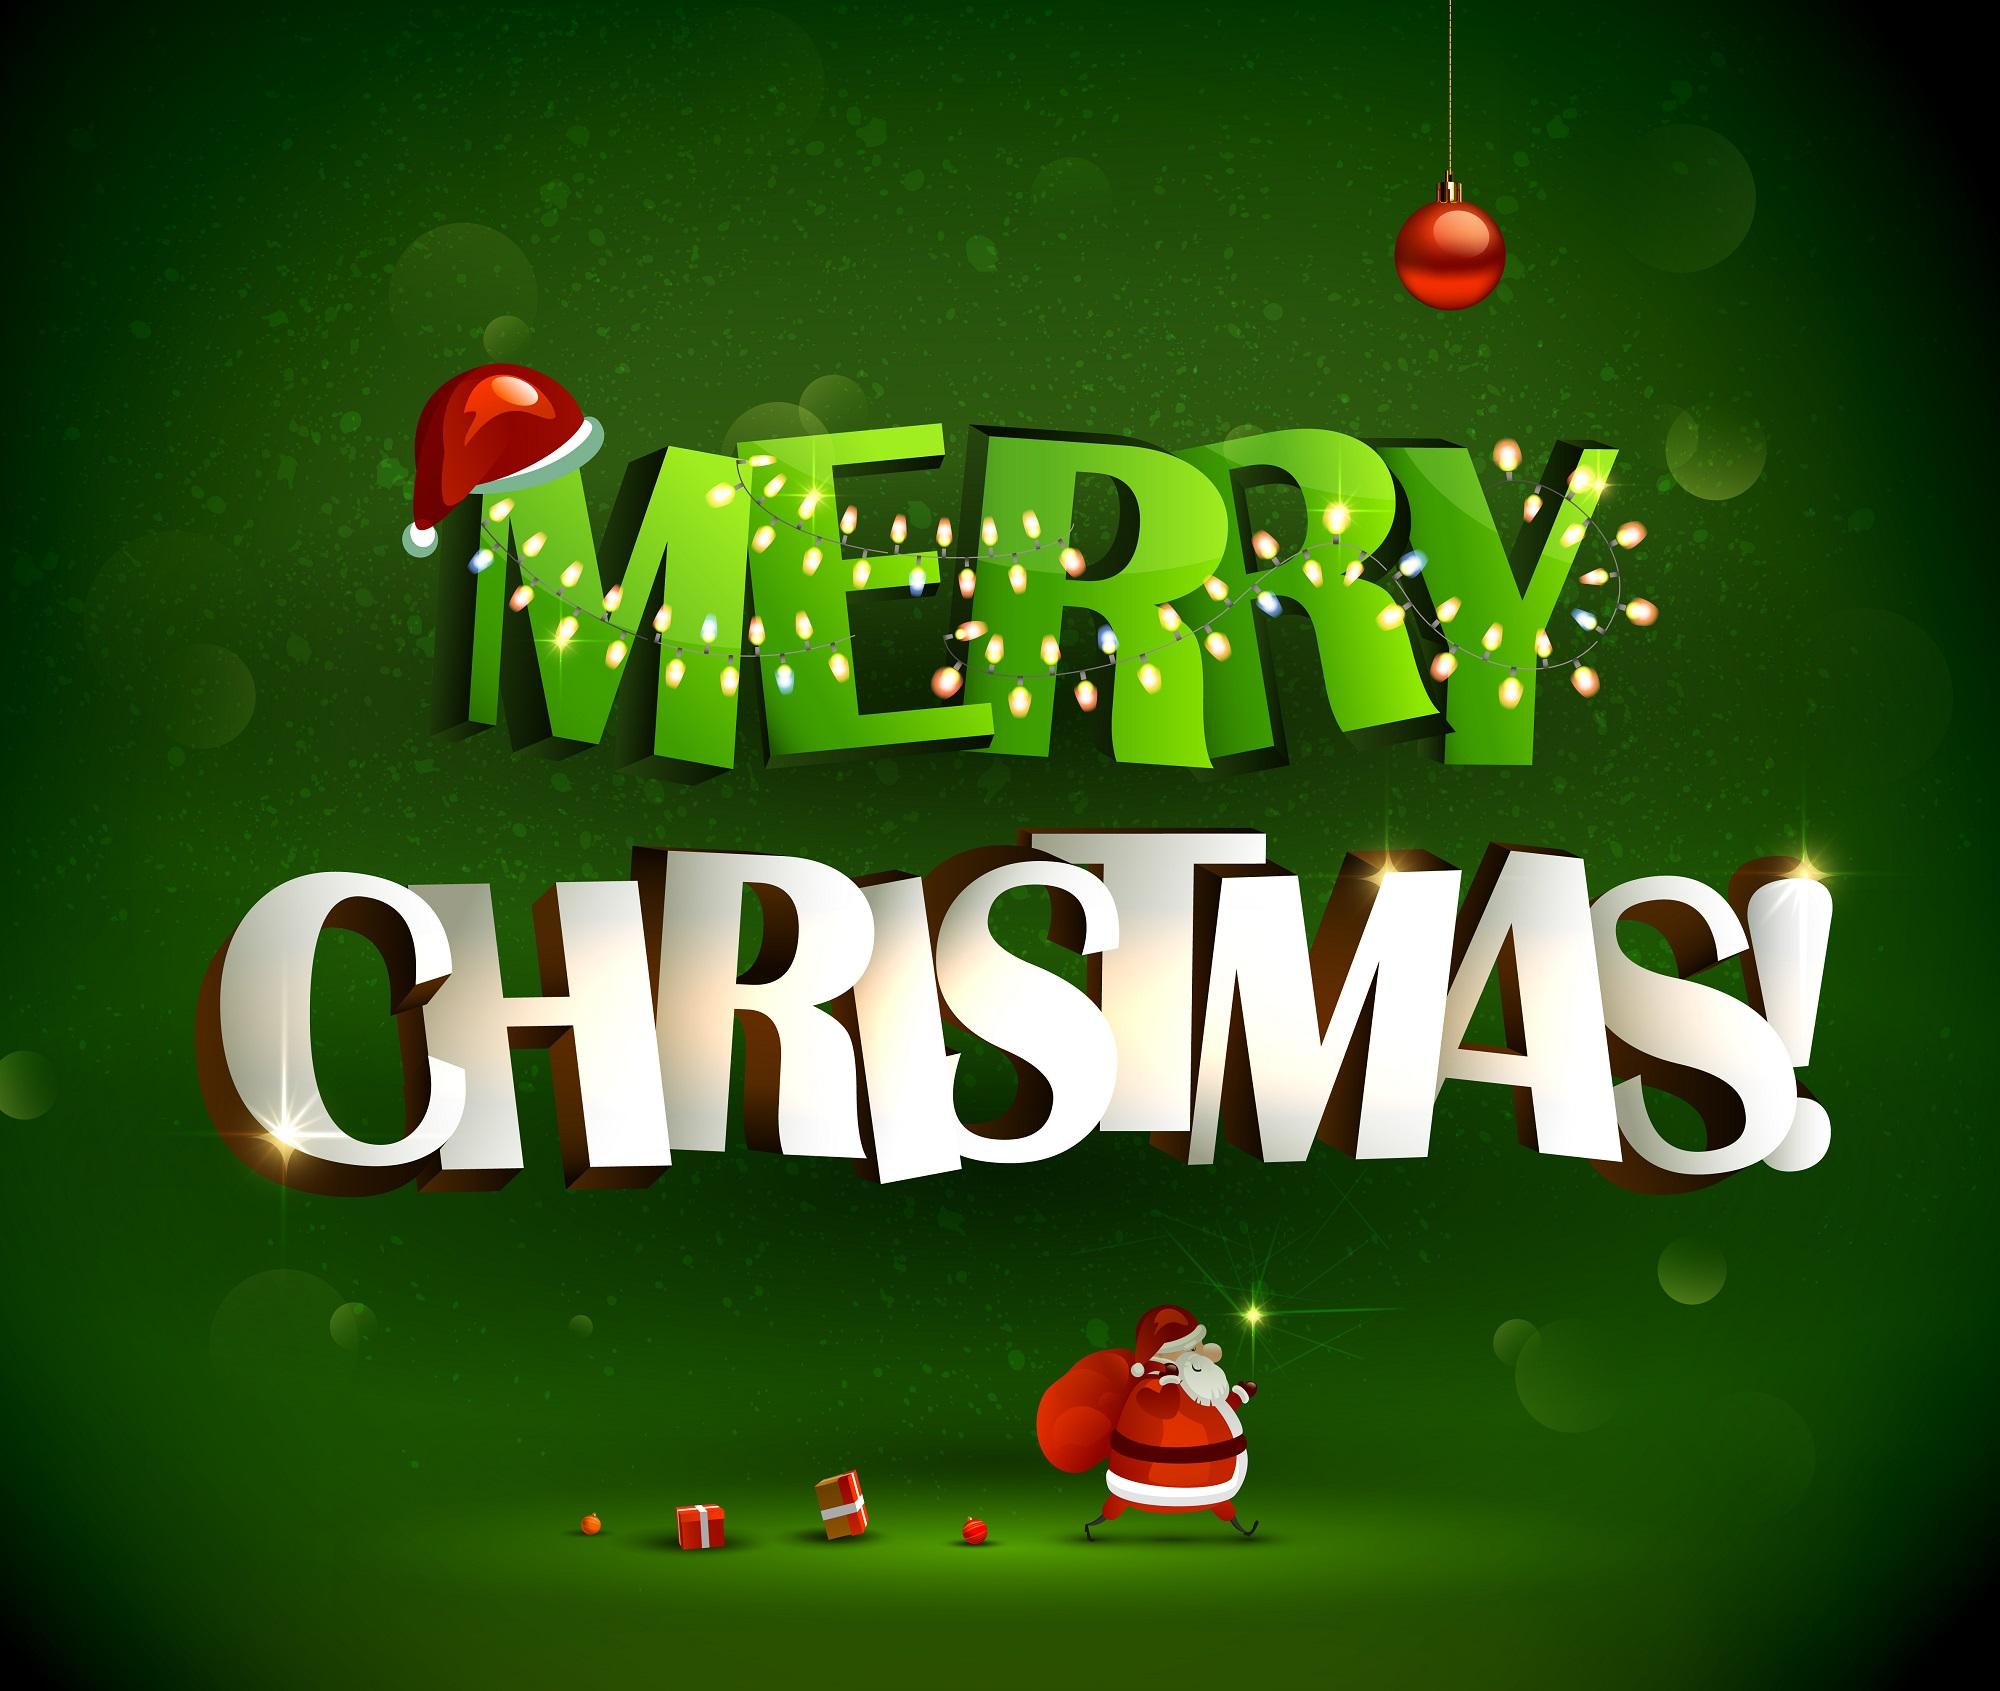 Merry Christmas Shutterstock/antart